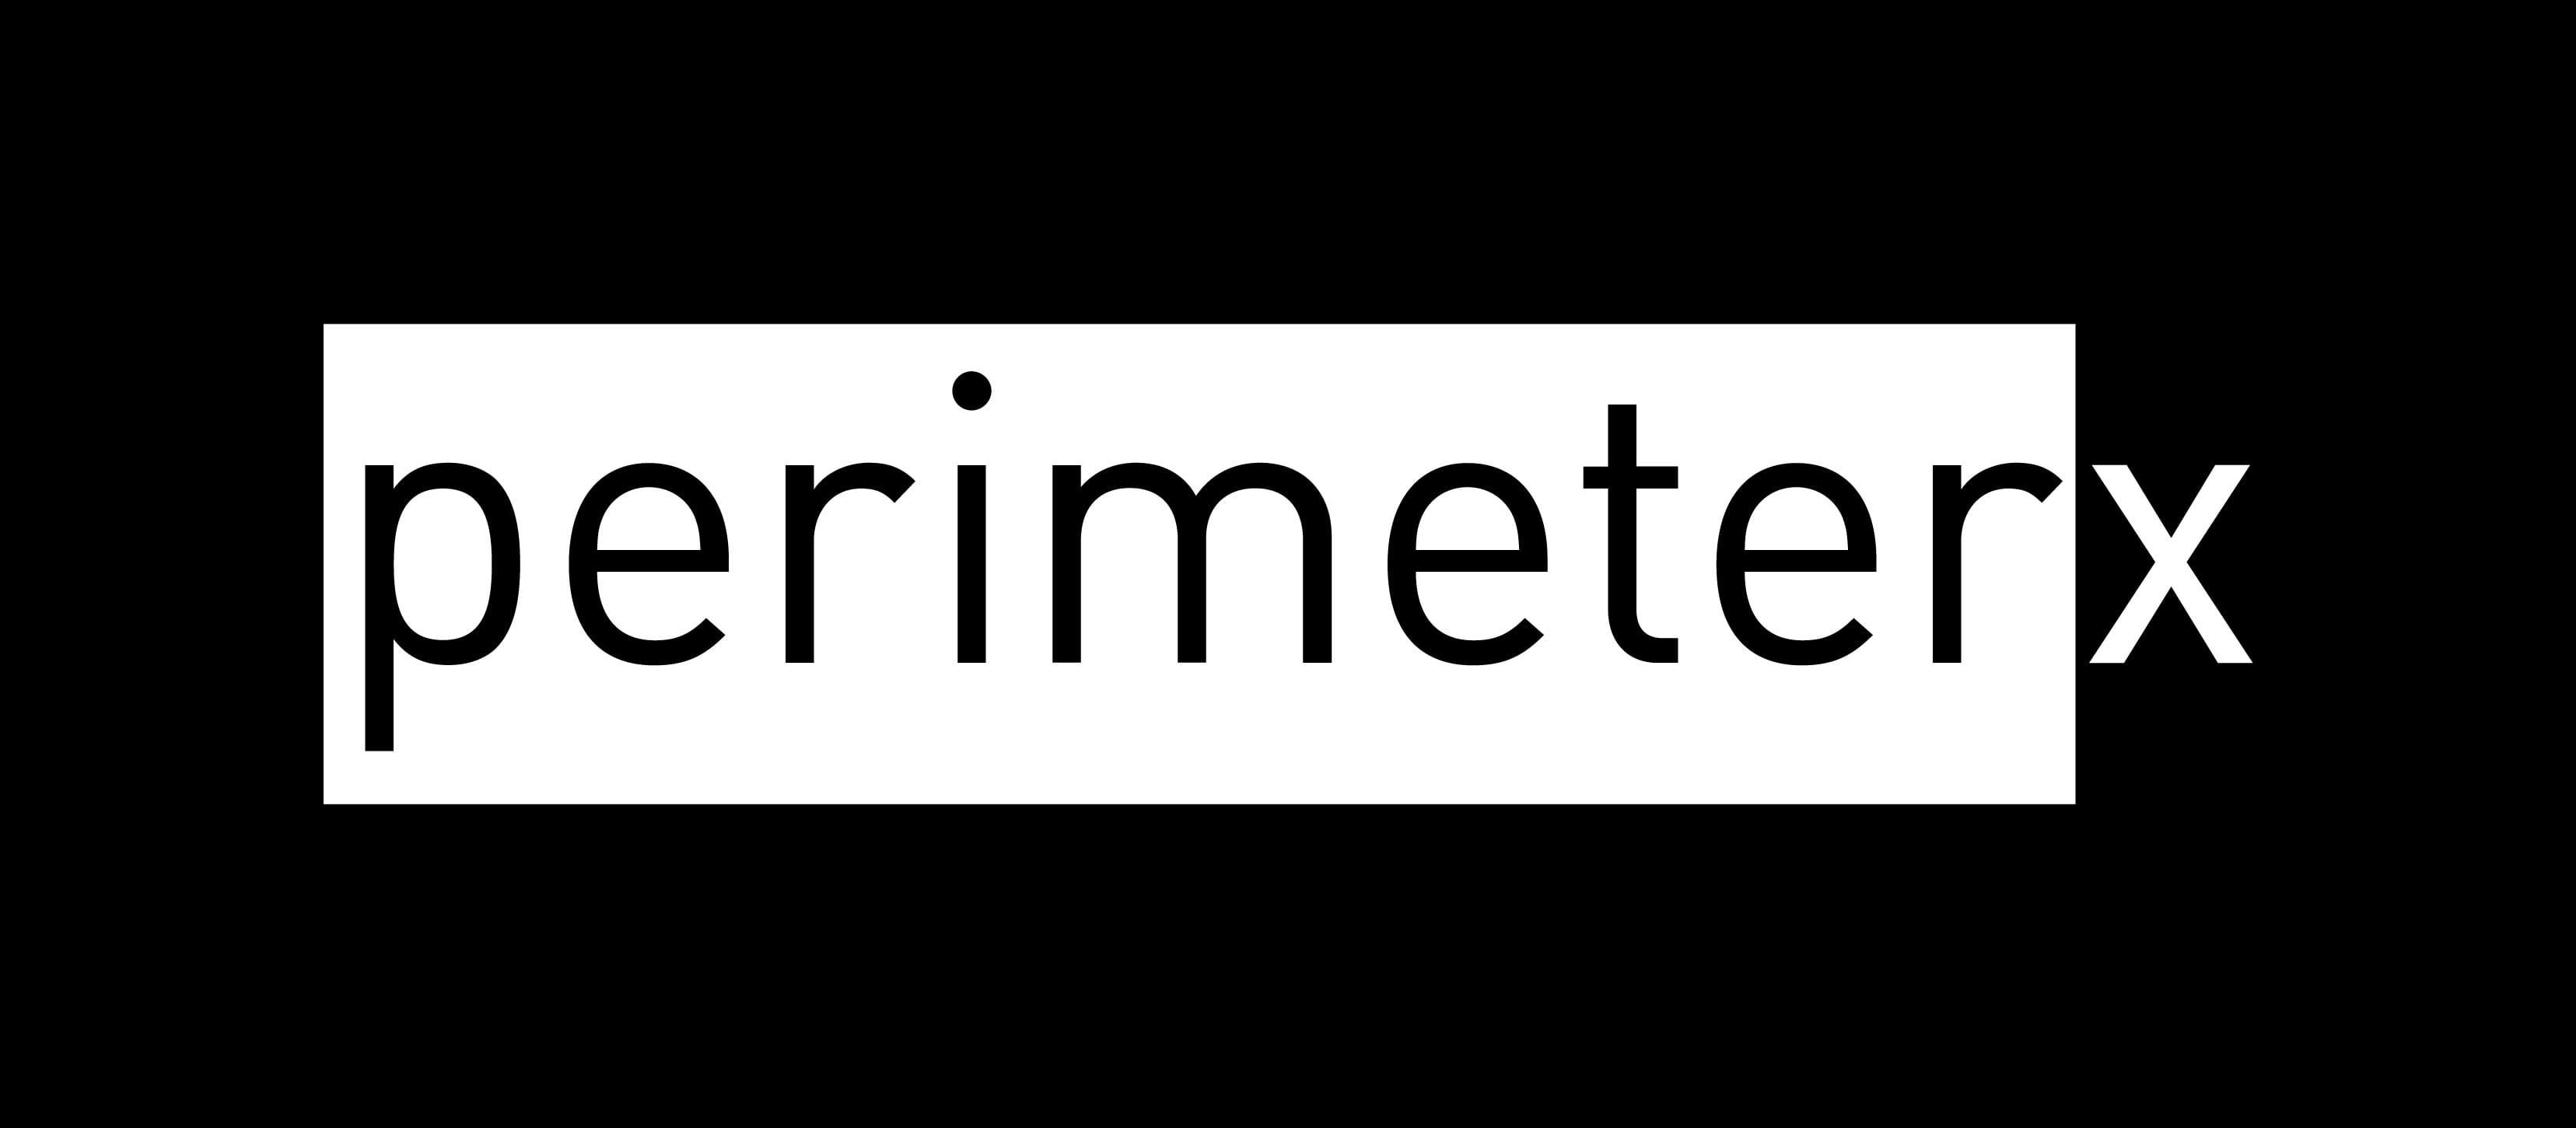 perimeterx logo white